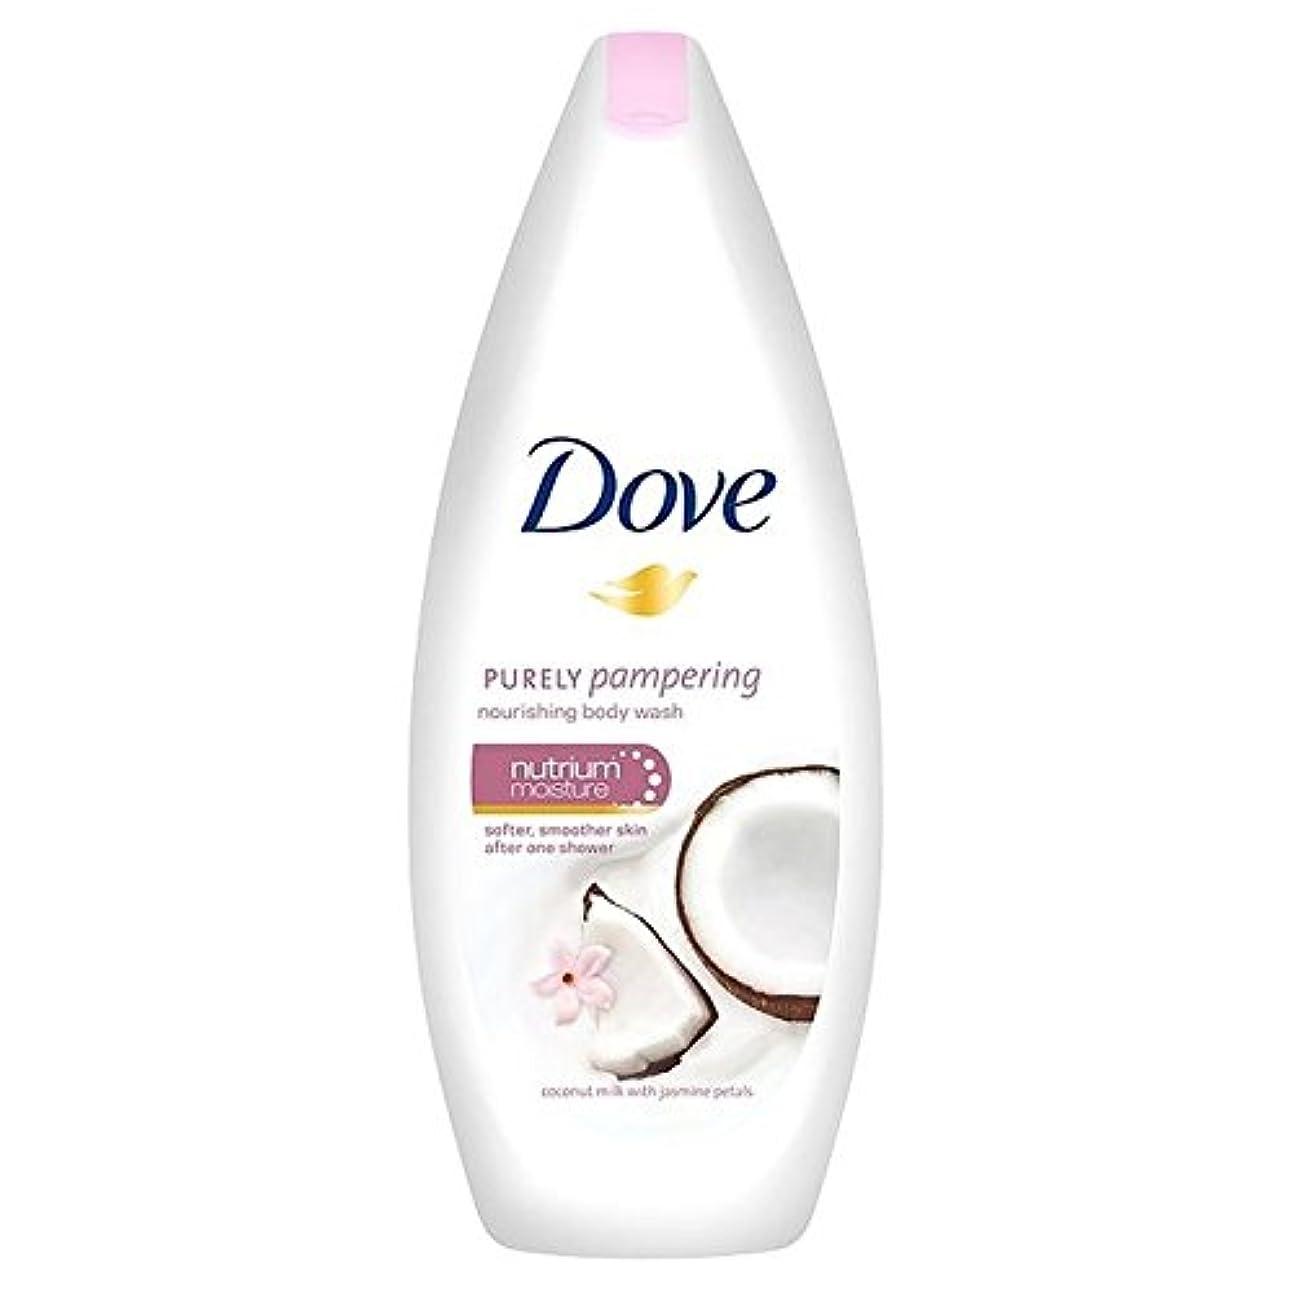 端ヤングブラインド鳩純粋に甘やかすココナッツボディウォッシュ250ミリリットル x4 - Dove Purely Pampering Coconut Body Wash 250ml (Pack of 4) [並行輸入品]